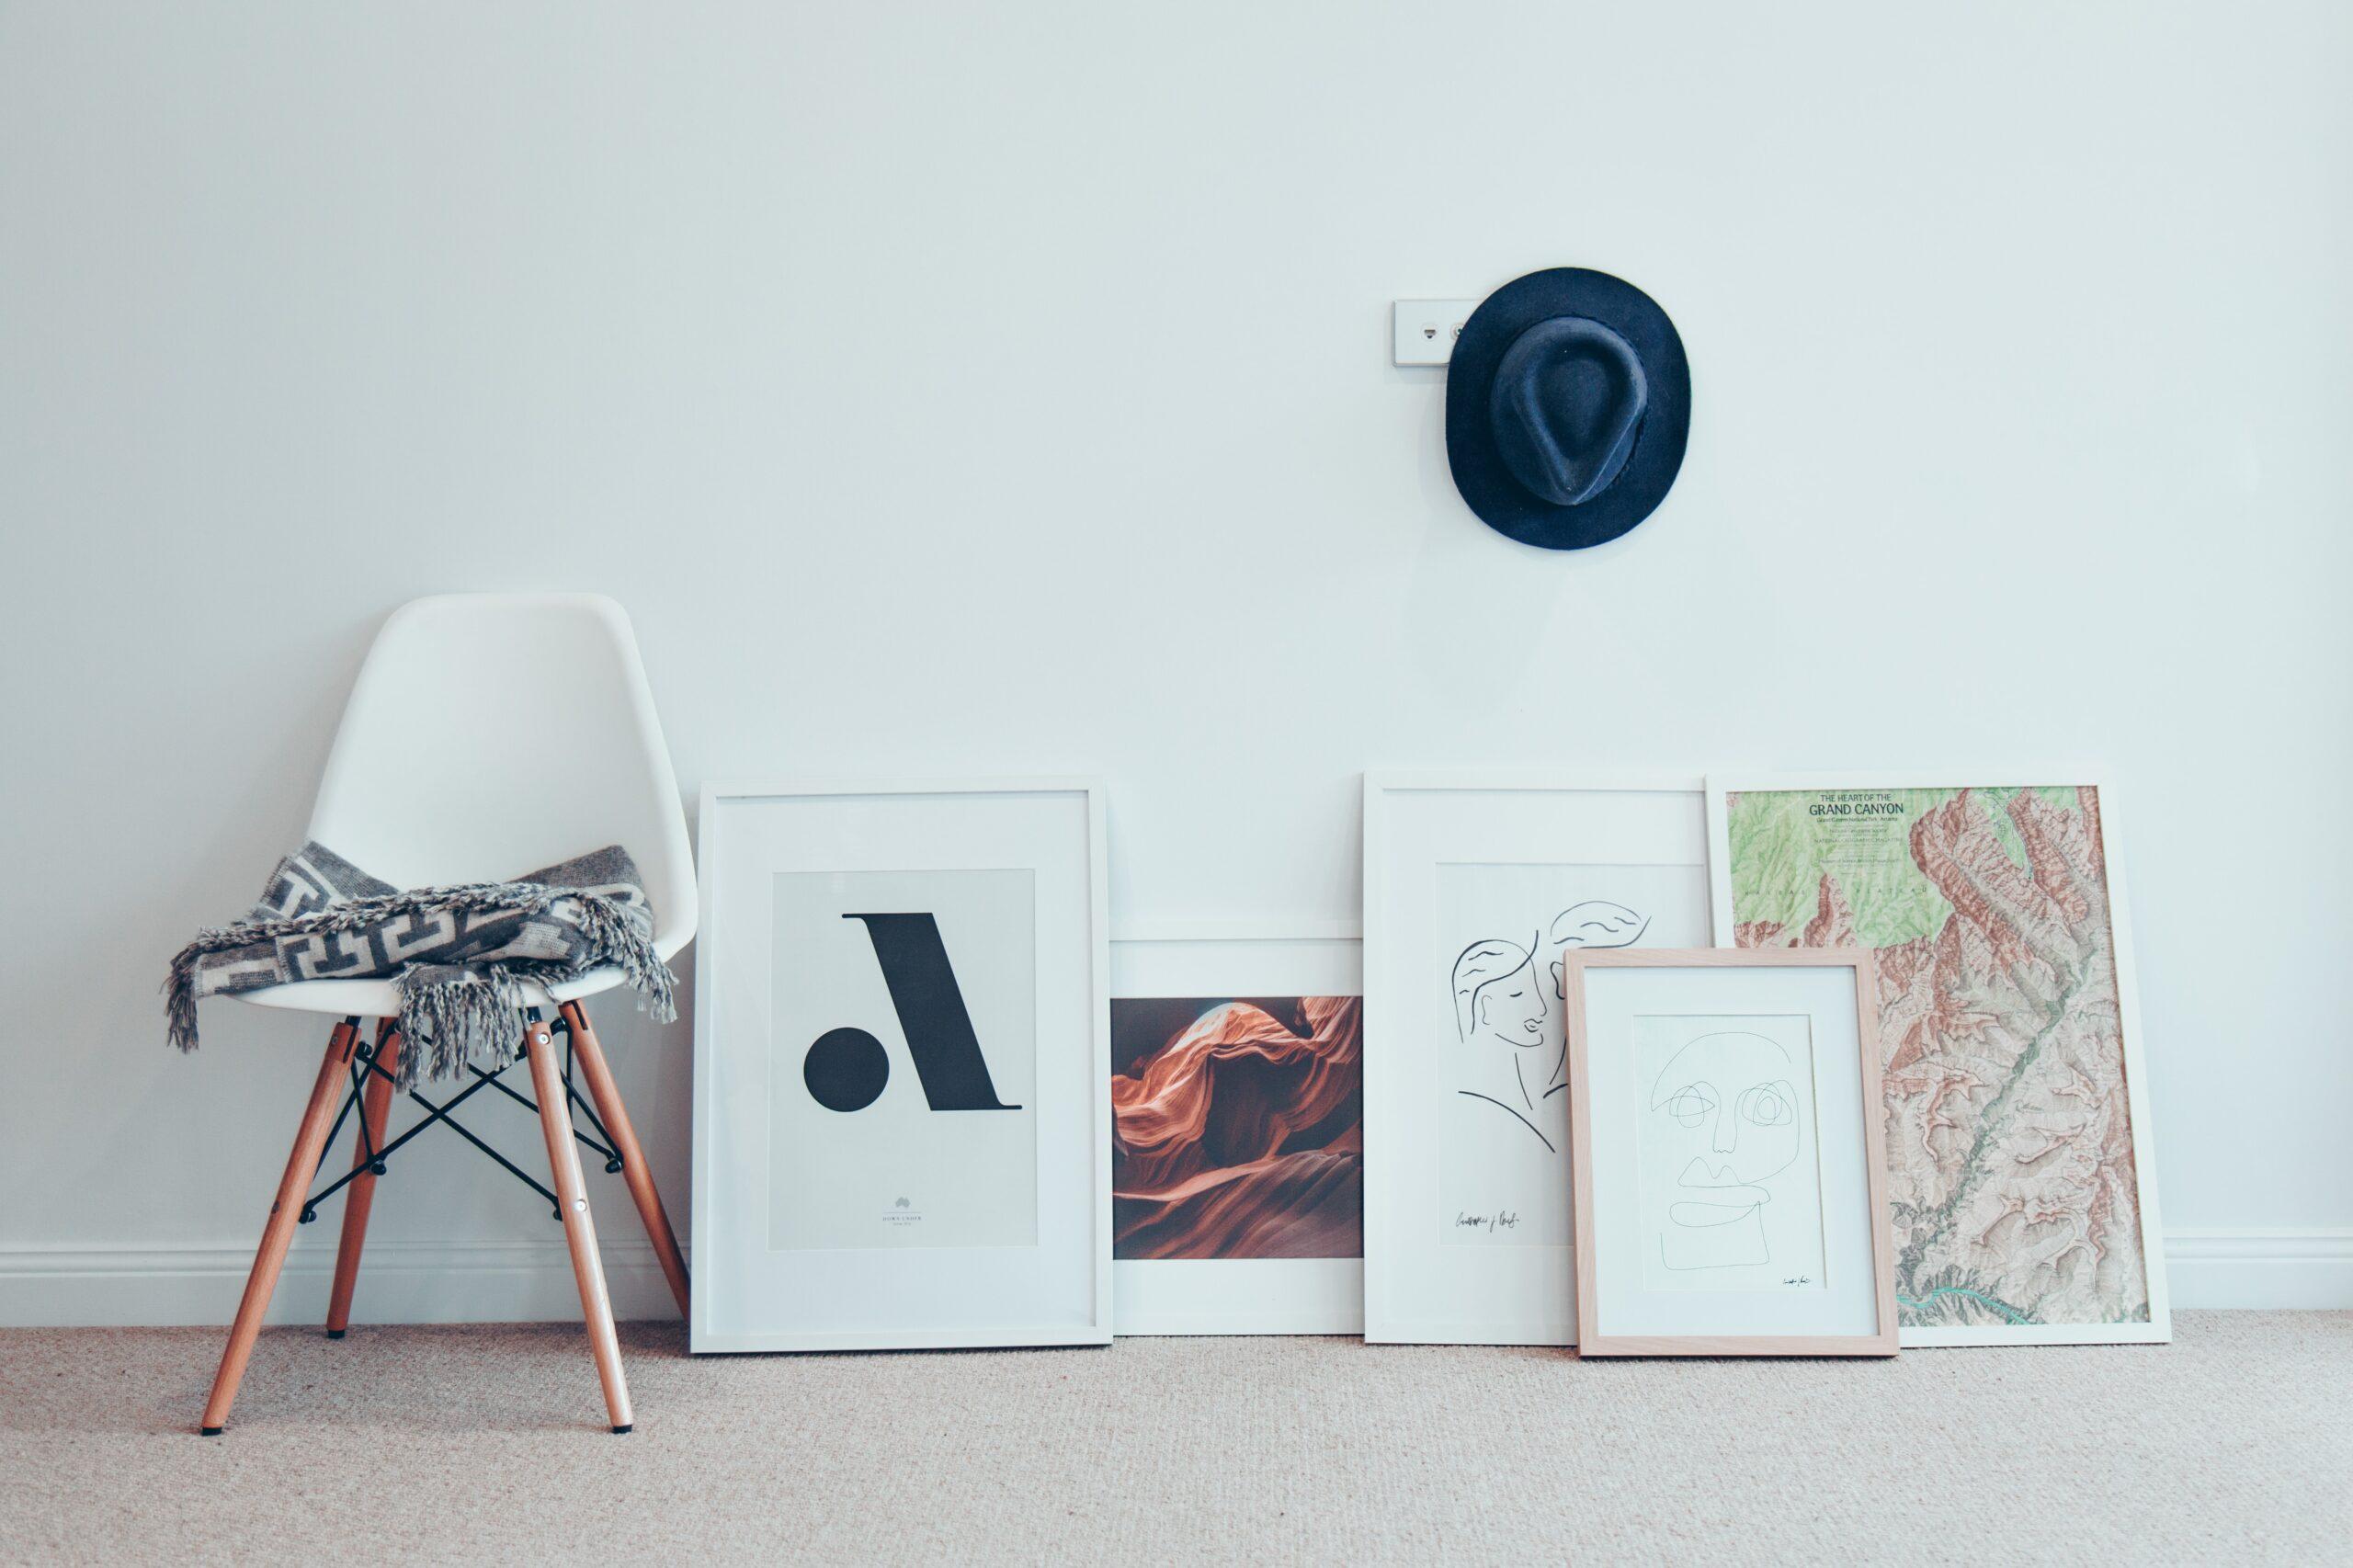 tavlor mot vägg